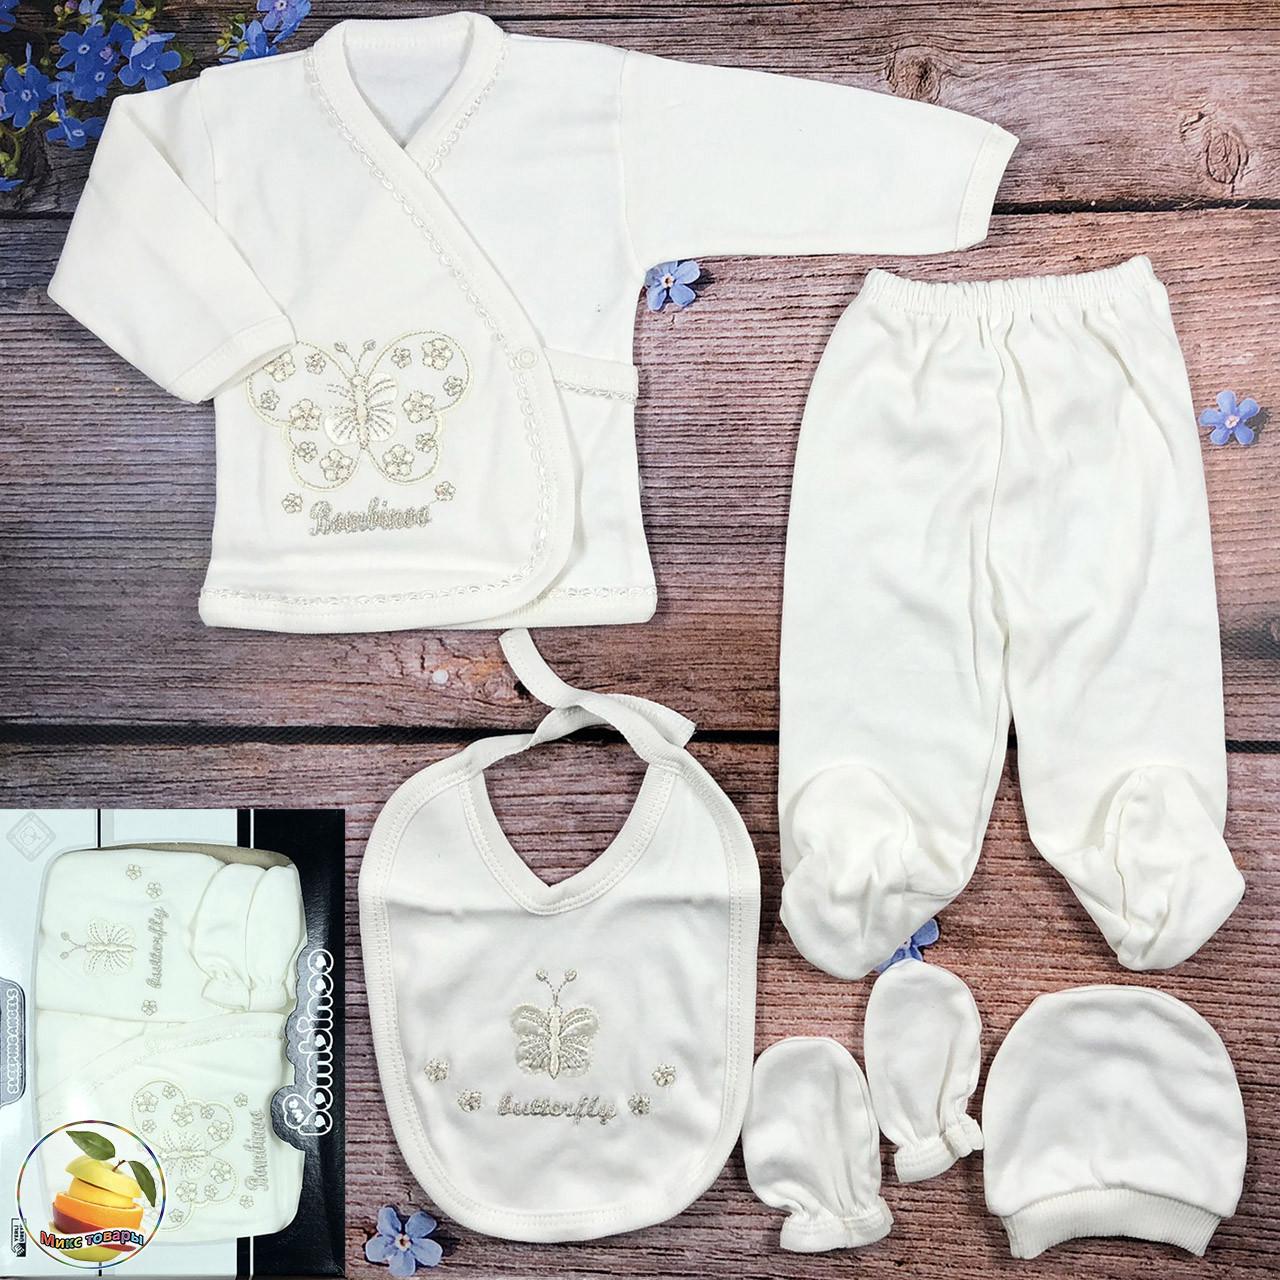 Набор для выписки из роддома, молочного цвета и с вышитой бабочкой Рост: 56 см Размер: 0- 3 месяцев (9315)